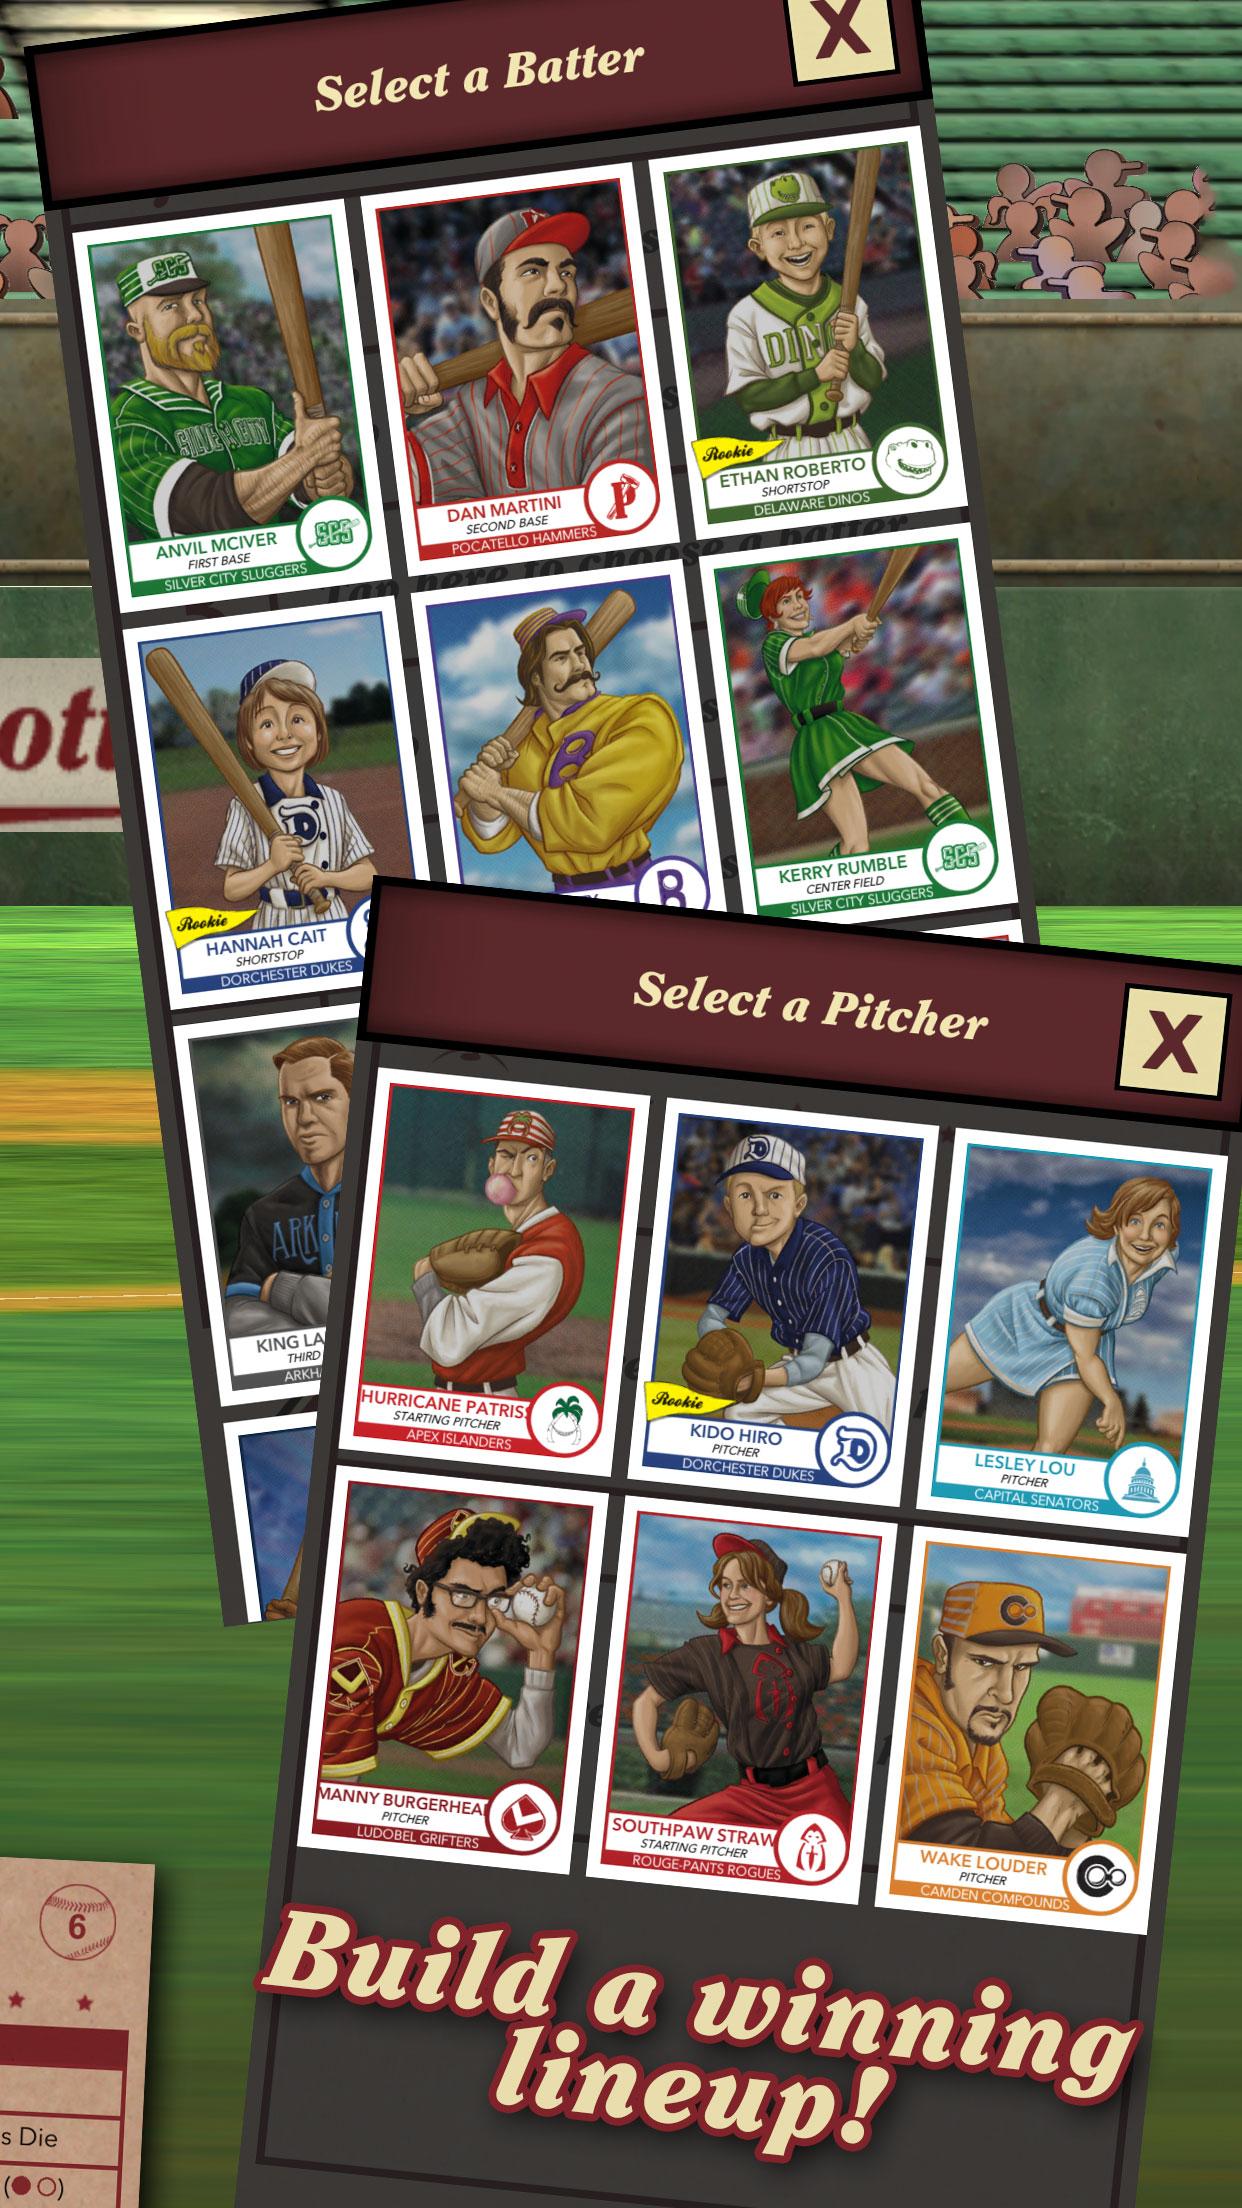 Appstore-screens_05.jpg